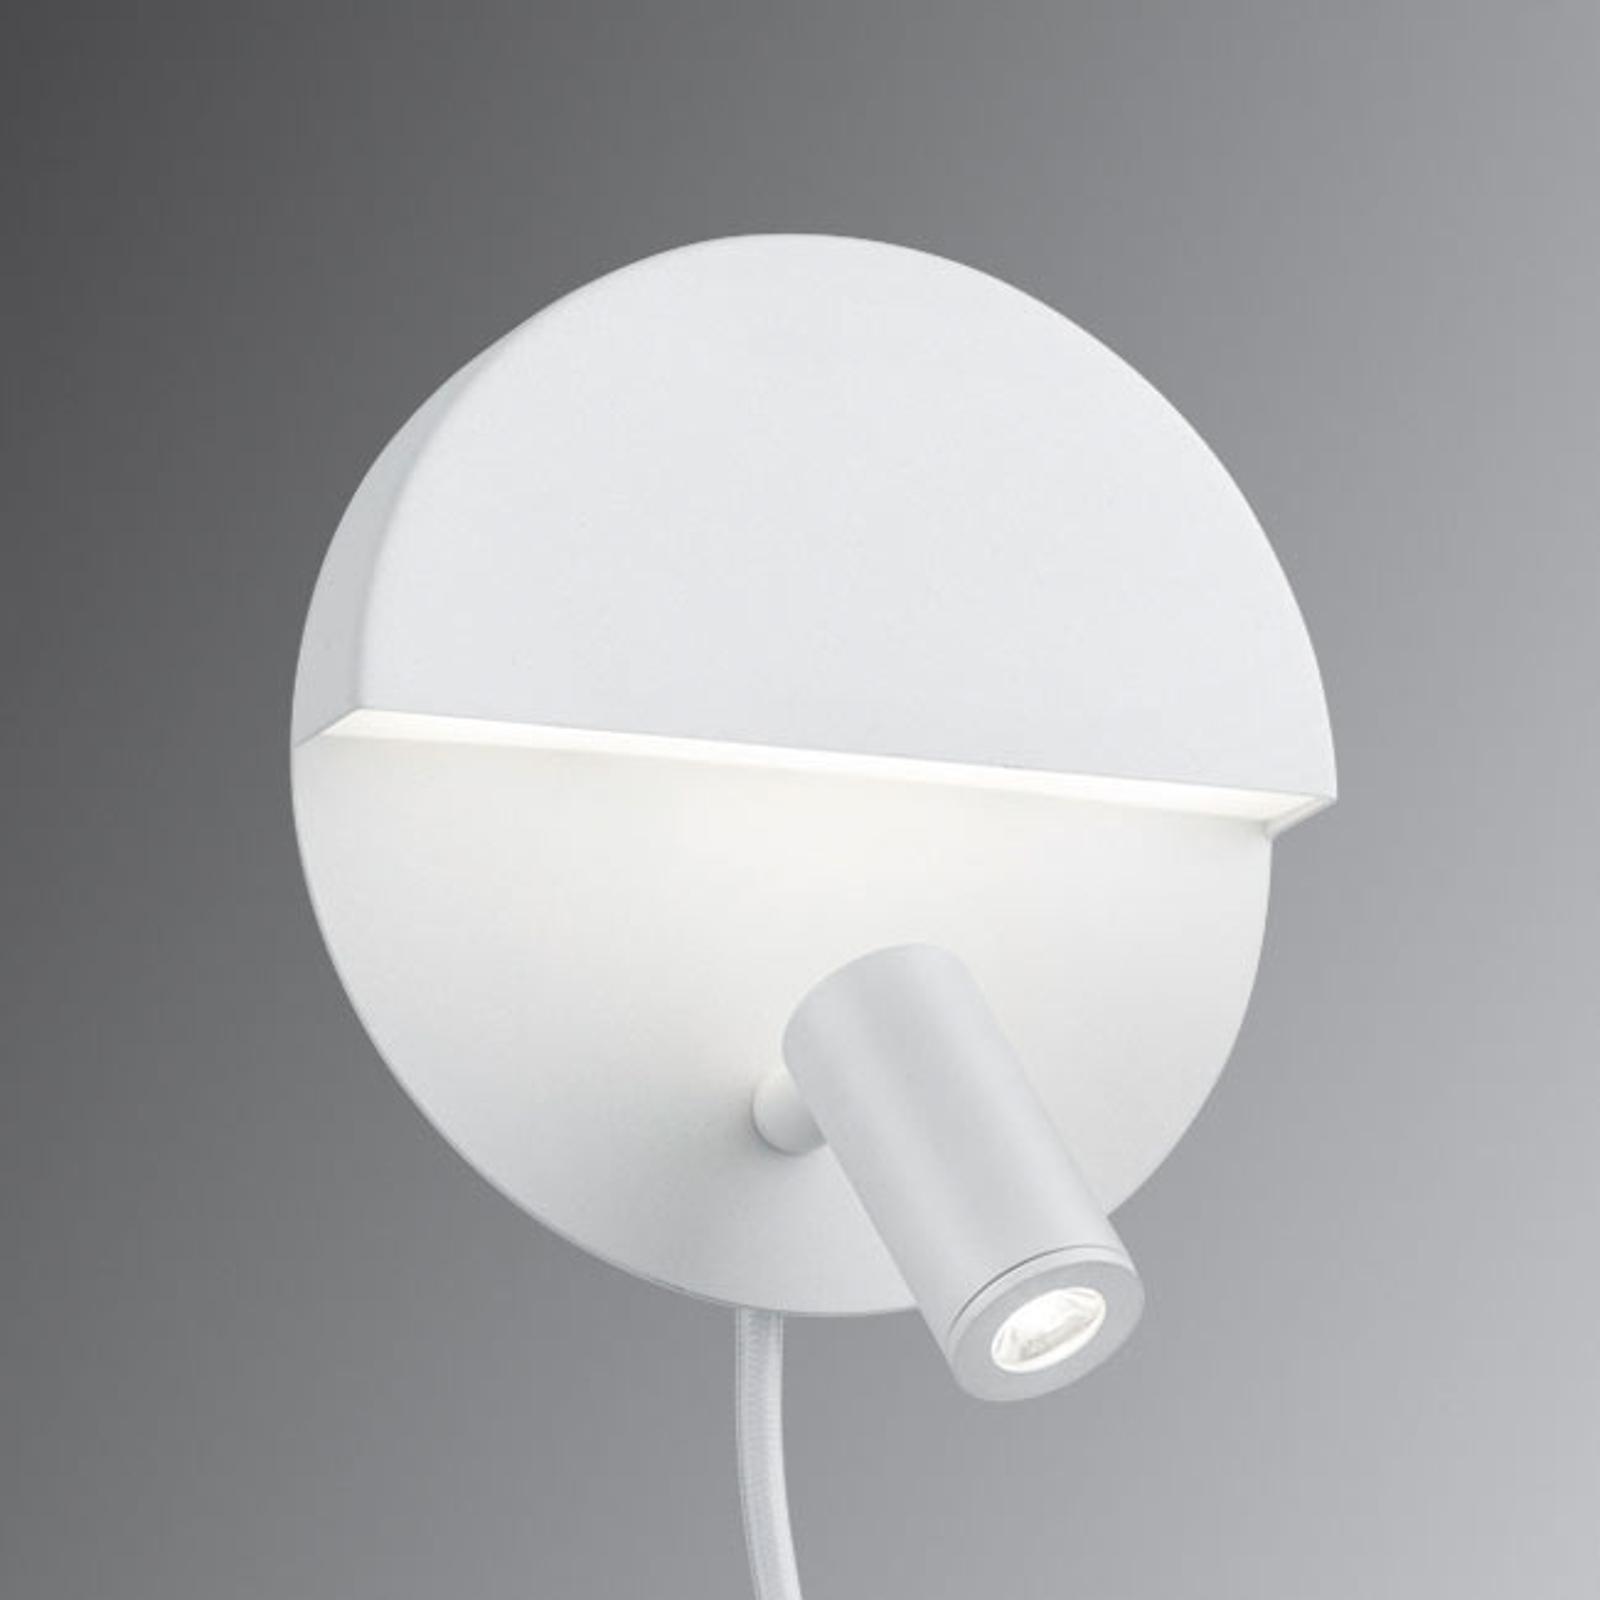 Funkcjonalny kinkiet LED Mario z 2 przełącznikami